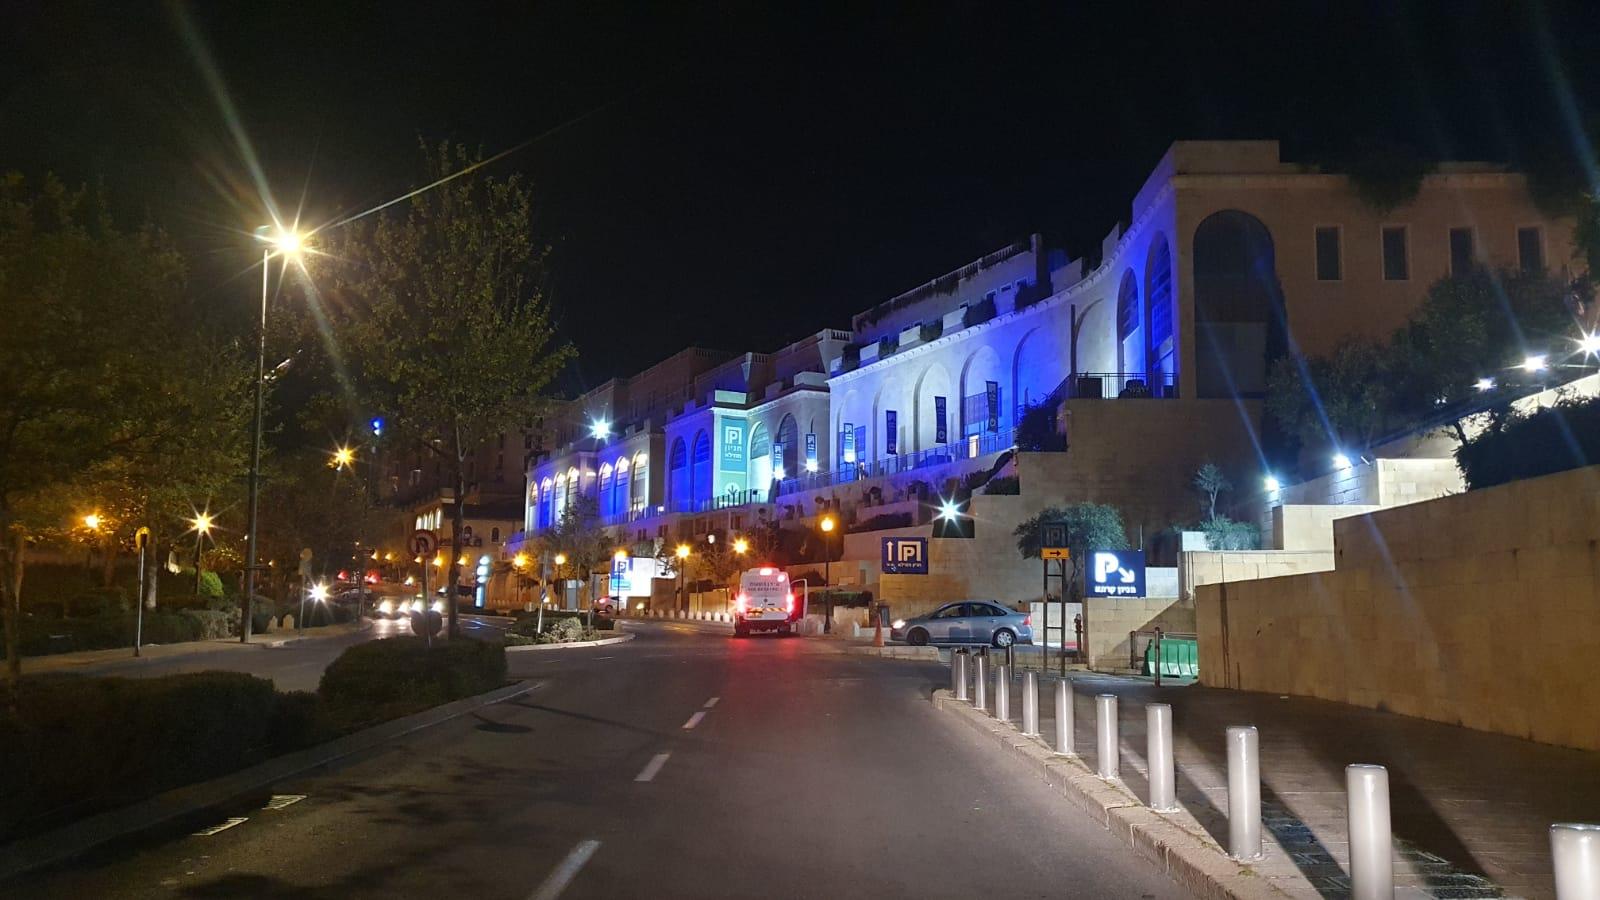 בנין אלרוב ממילא מואר בדגל ישראל ובצבעי כחול לבן (צילום: מחלקת המאור בעיריית ירושלים)